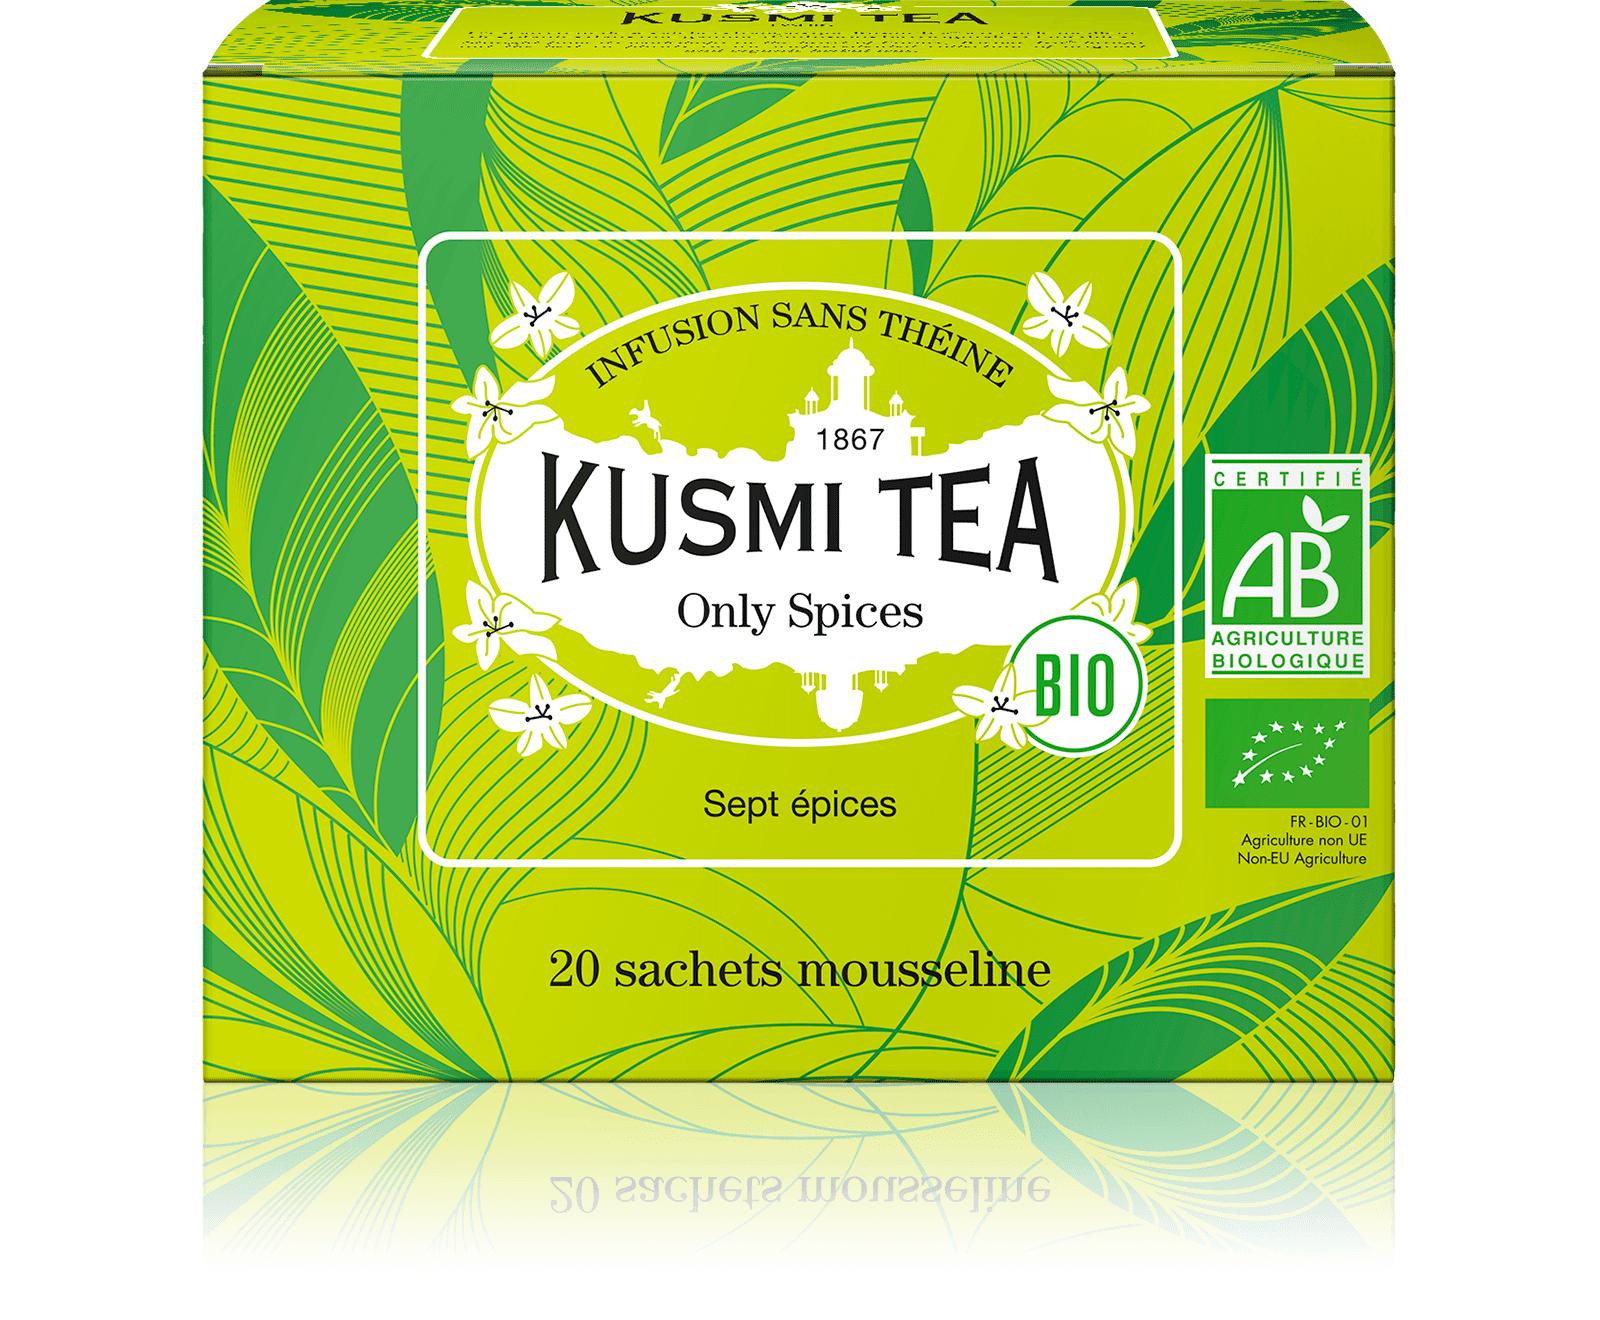 KUSMI TEA Only Spices (Infusion bio) - Fenouil, réglisse, anis - Sachets de thé - Kusmi Tea